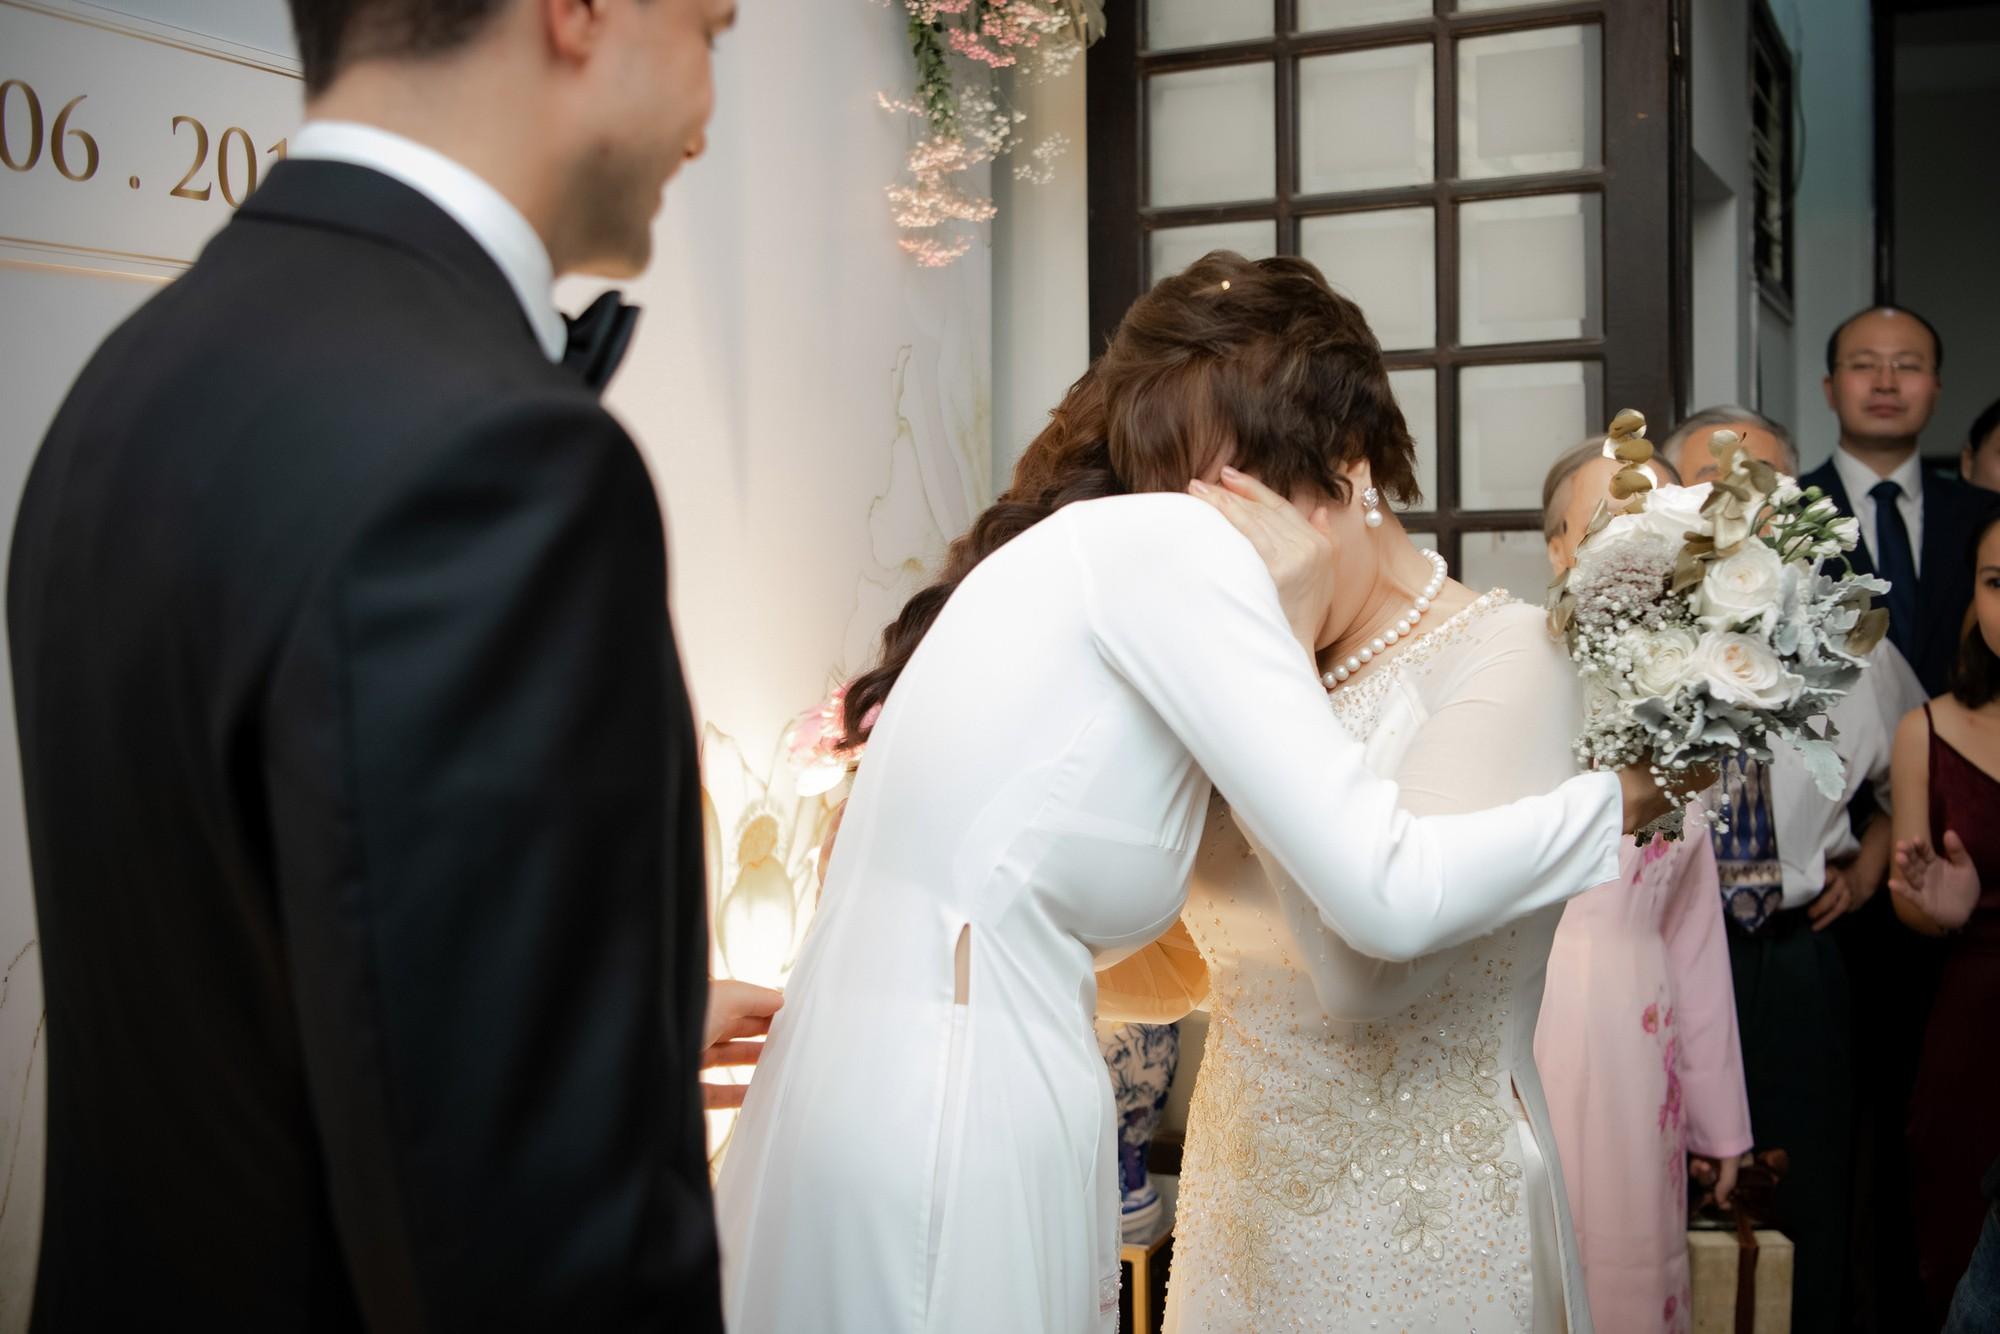 Toàn cảnh lễ đón dâu tại nhà phố cổ của siêu mẫu Phương Mai: Chú rể xuất hiện cùng đoàn xe sang, cô dâu òa khóc ôm chặt mẹ ruột-10